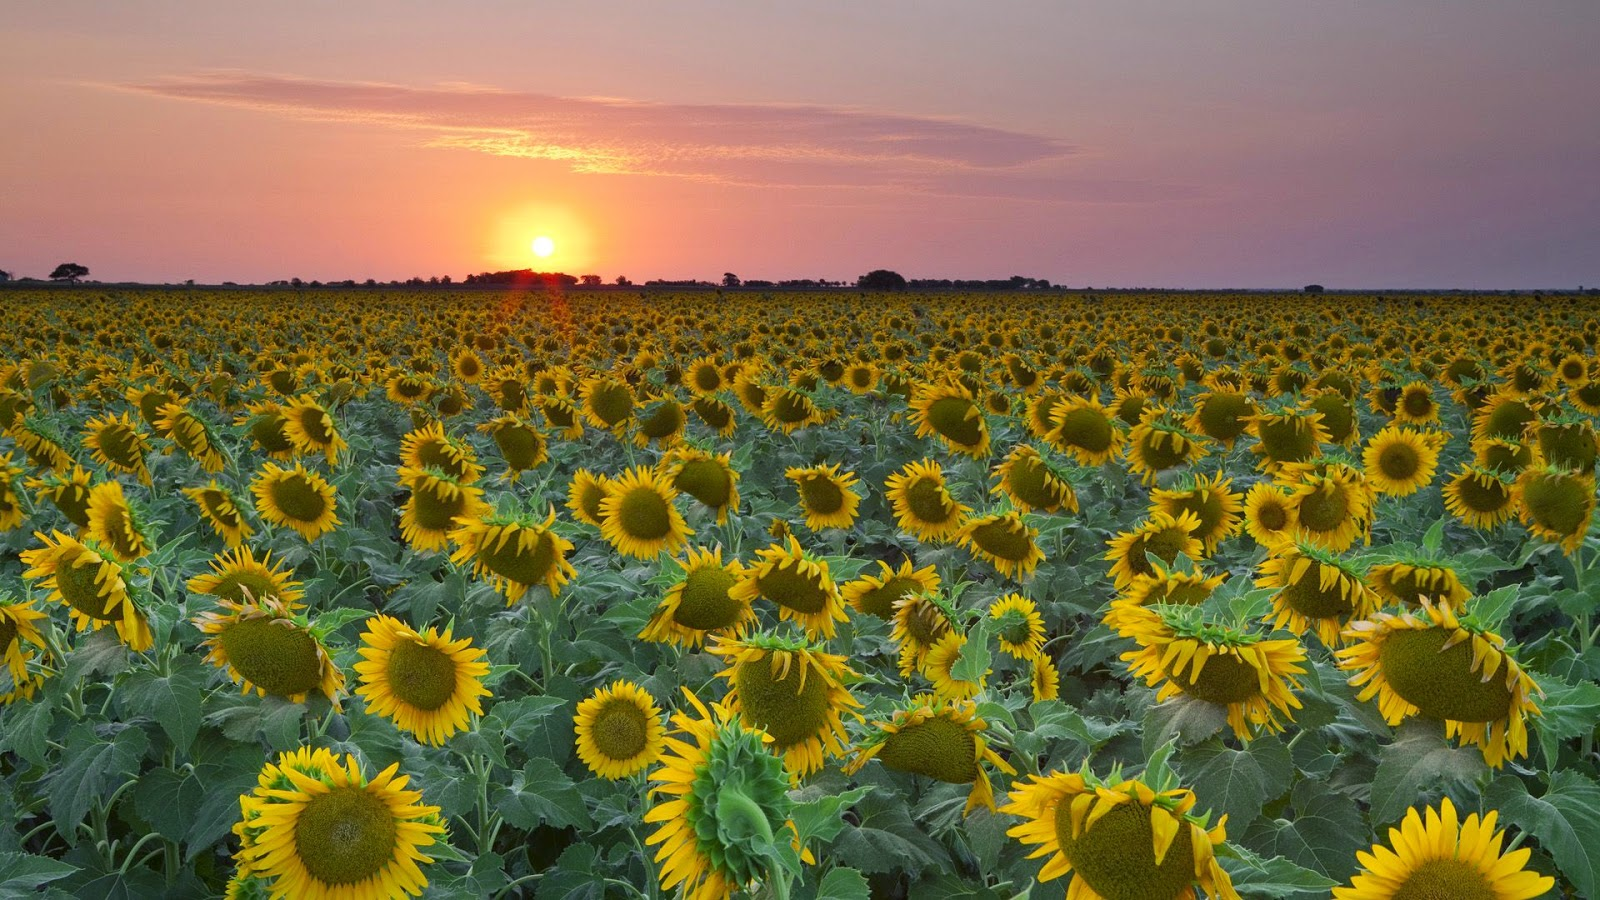 Hoa Đẹp | Hình Ảnh Hoa Đẹp | Hình Hoa Đẹp Nhất Thế Giới